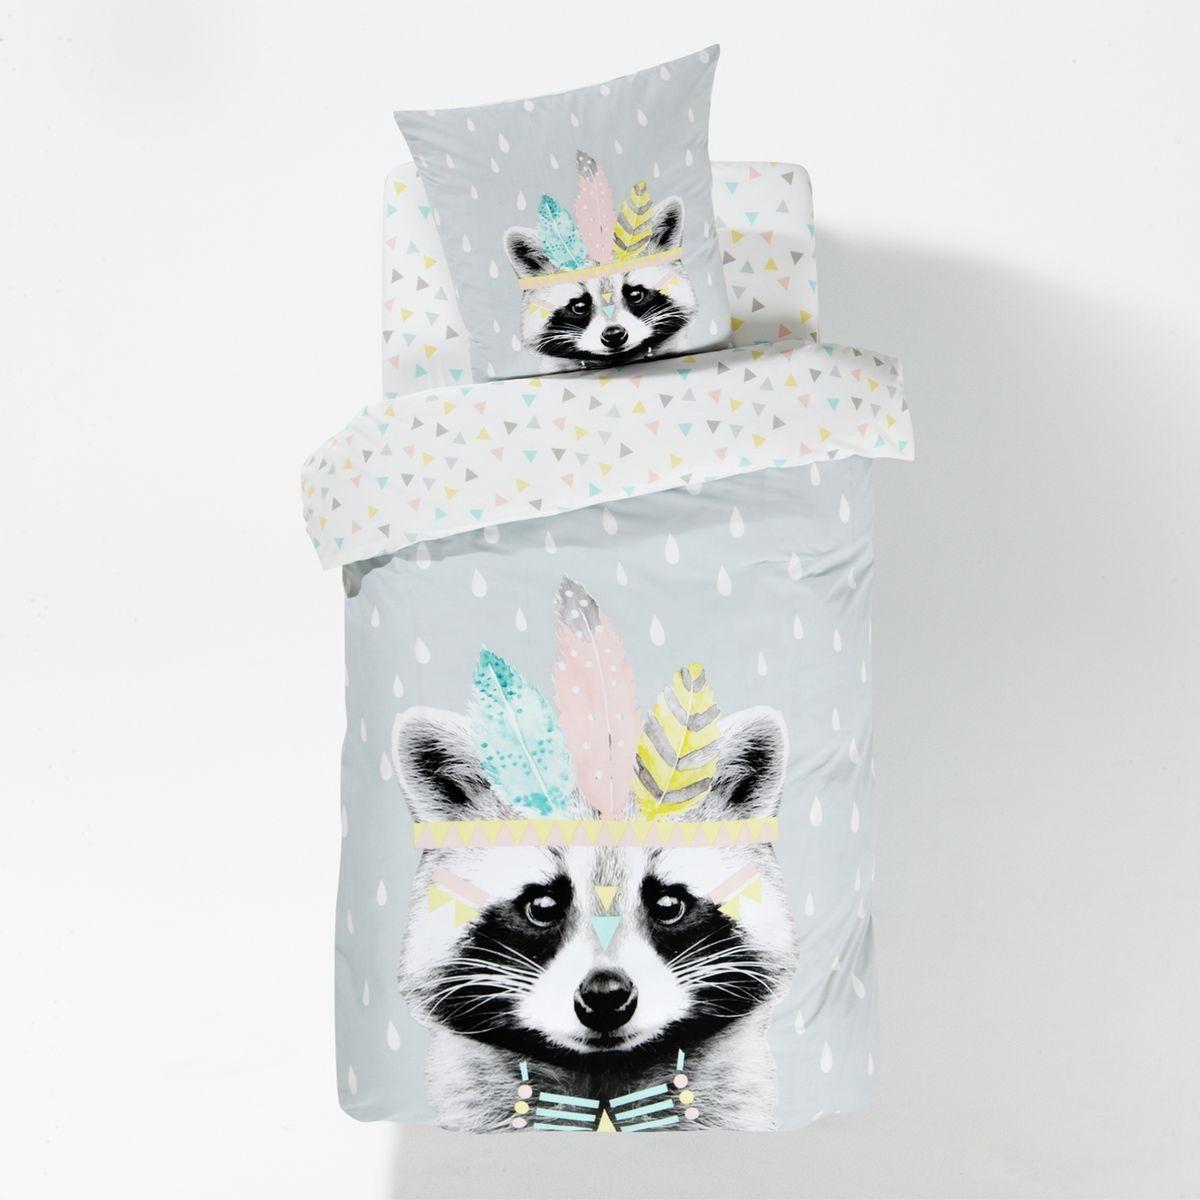 housse de couette meko eau blanche la redoute interieurs et housses de couette. Black Bedroom Furniture Sets. Home Design Ideas